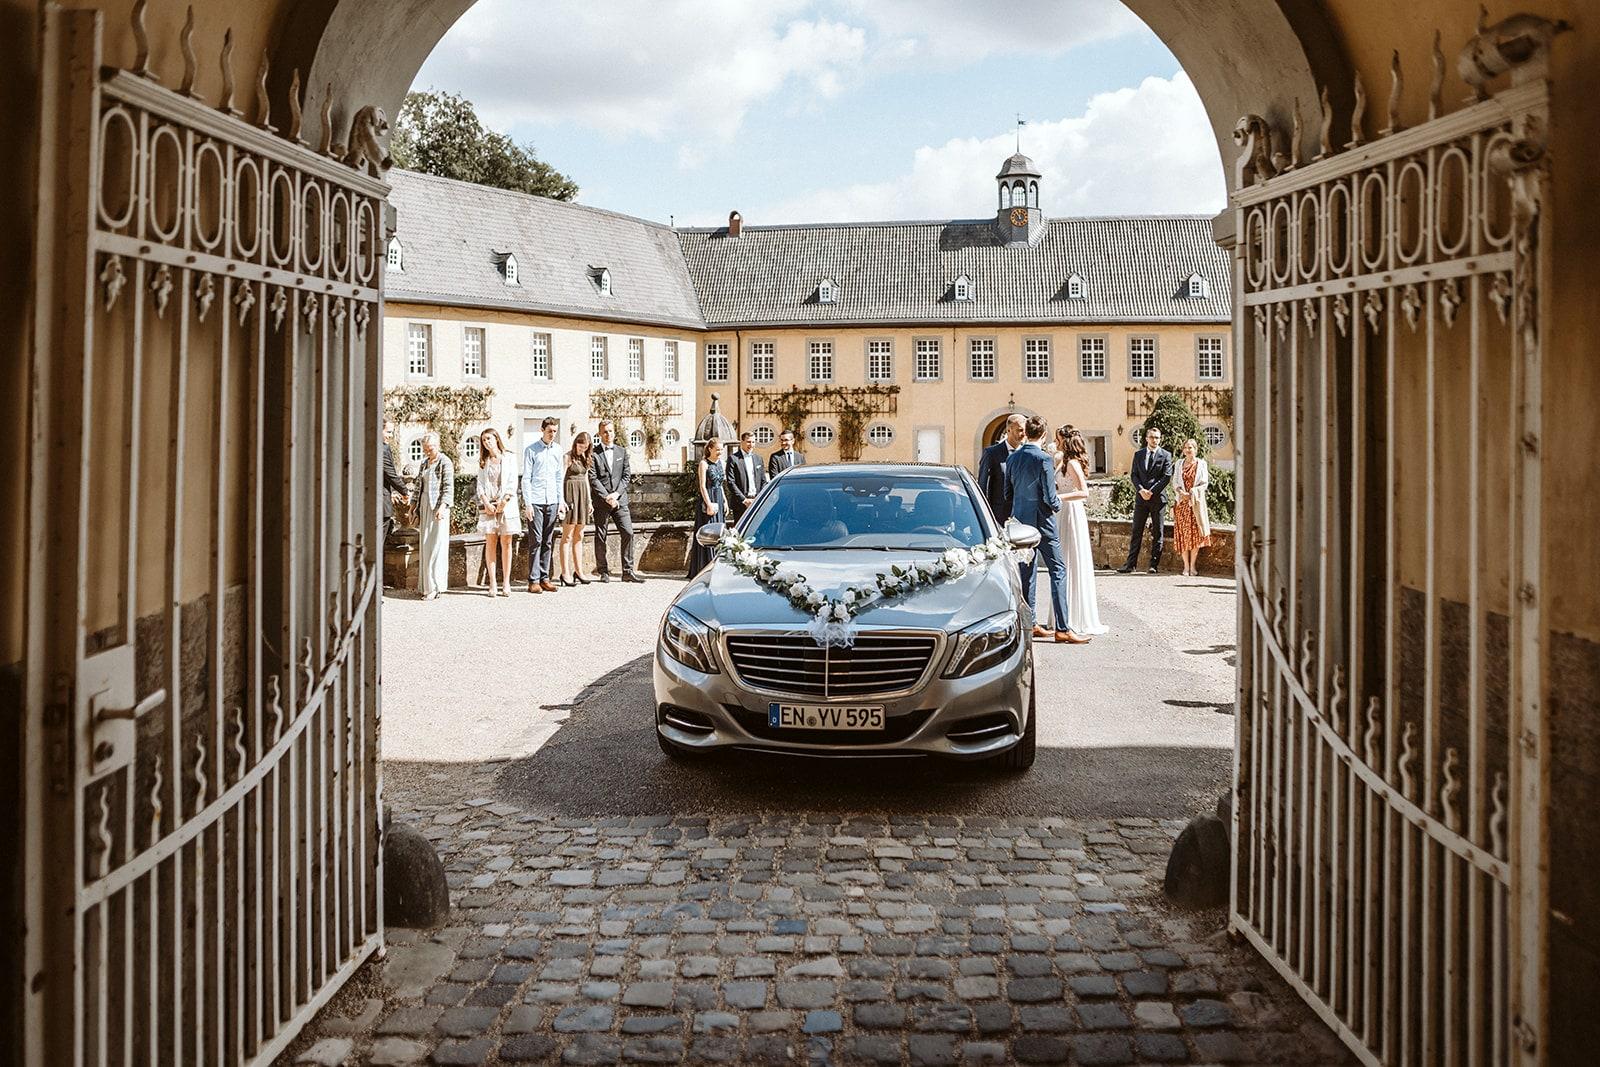 Hochzeitstag Anfahrt – gesehen bei frauimmer-herrewig.de